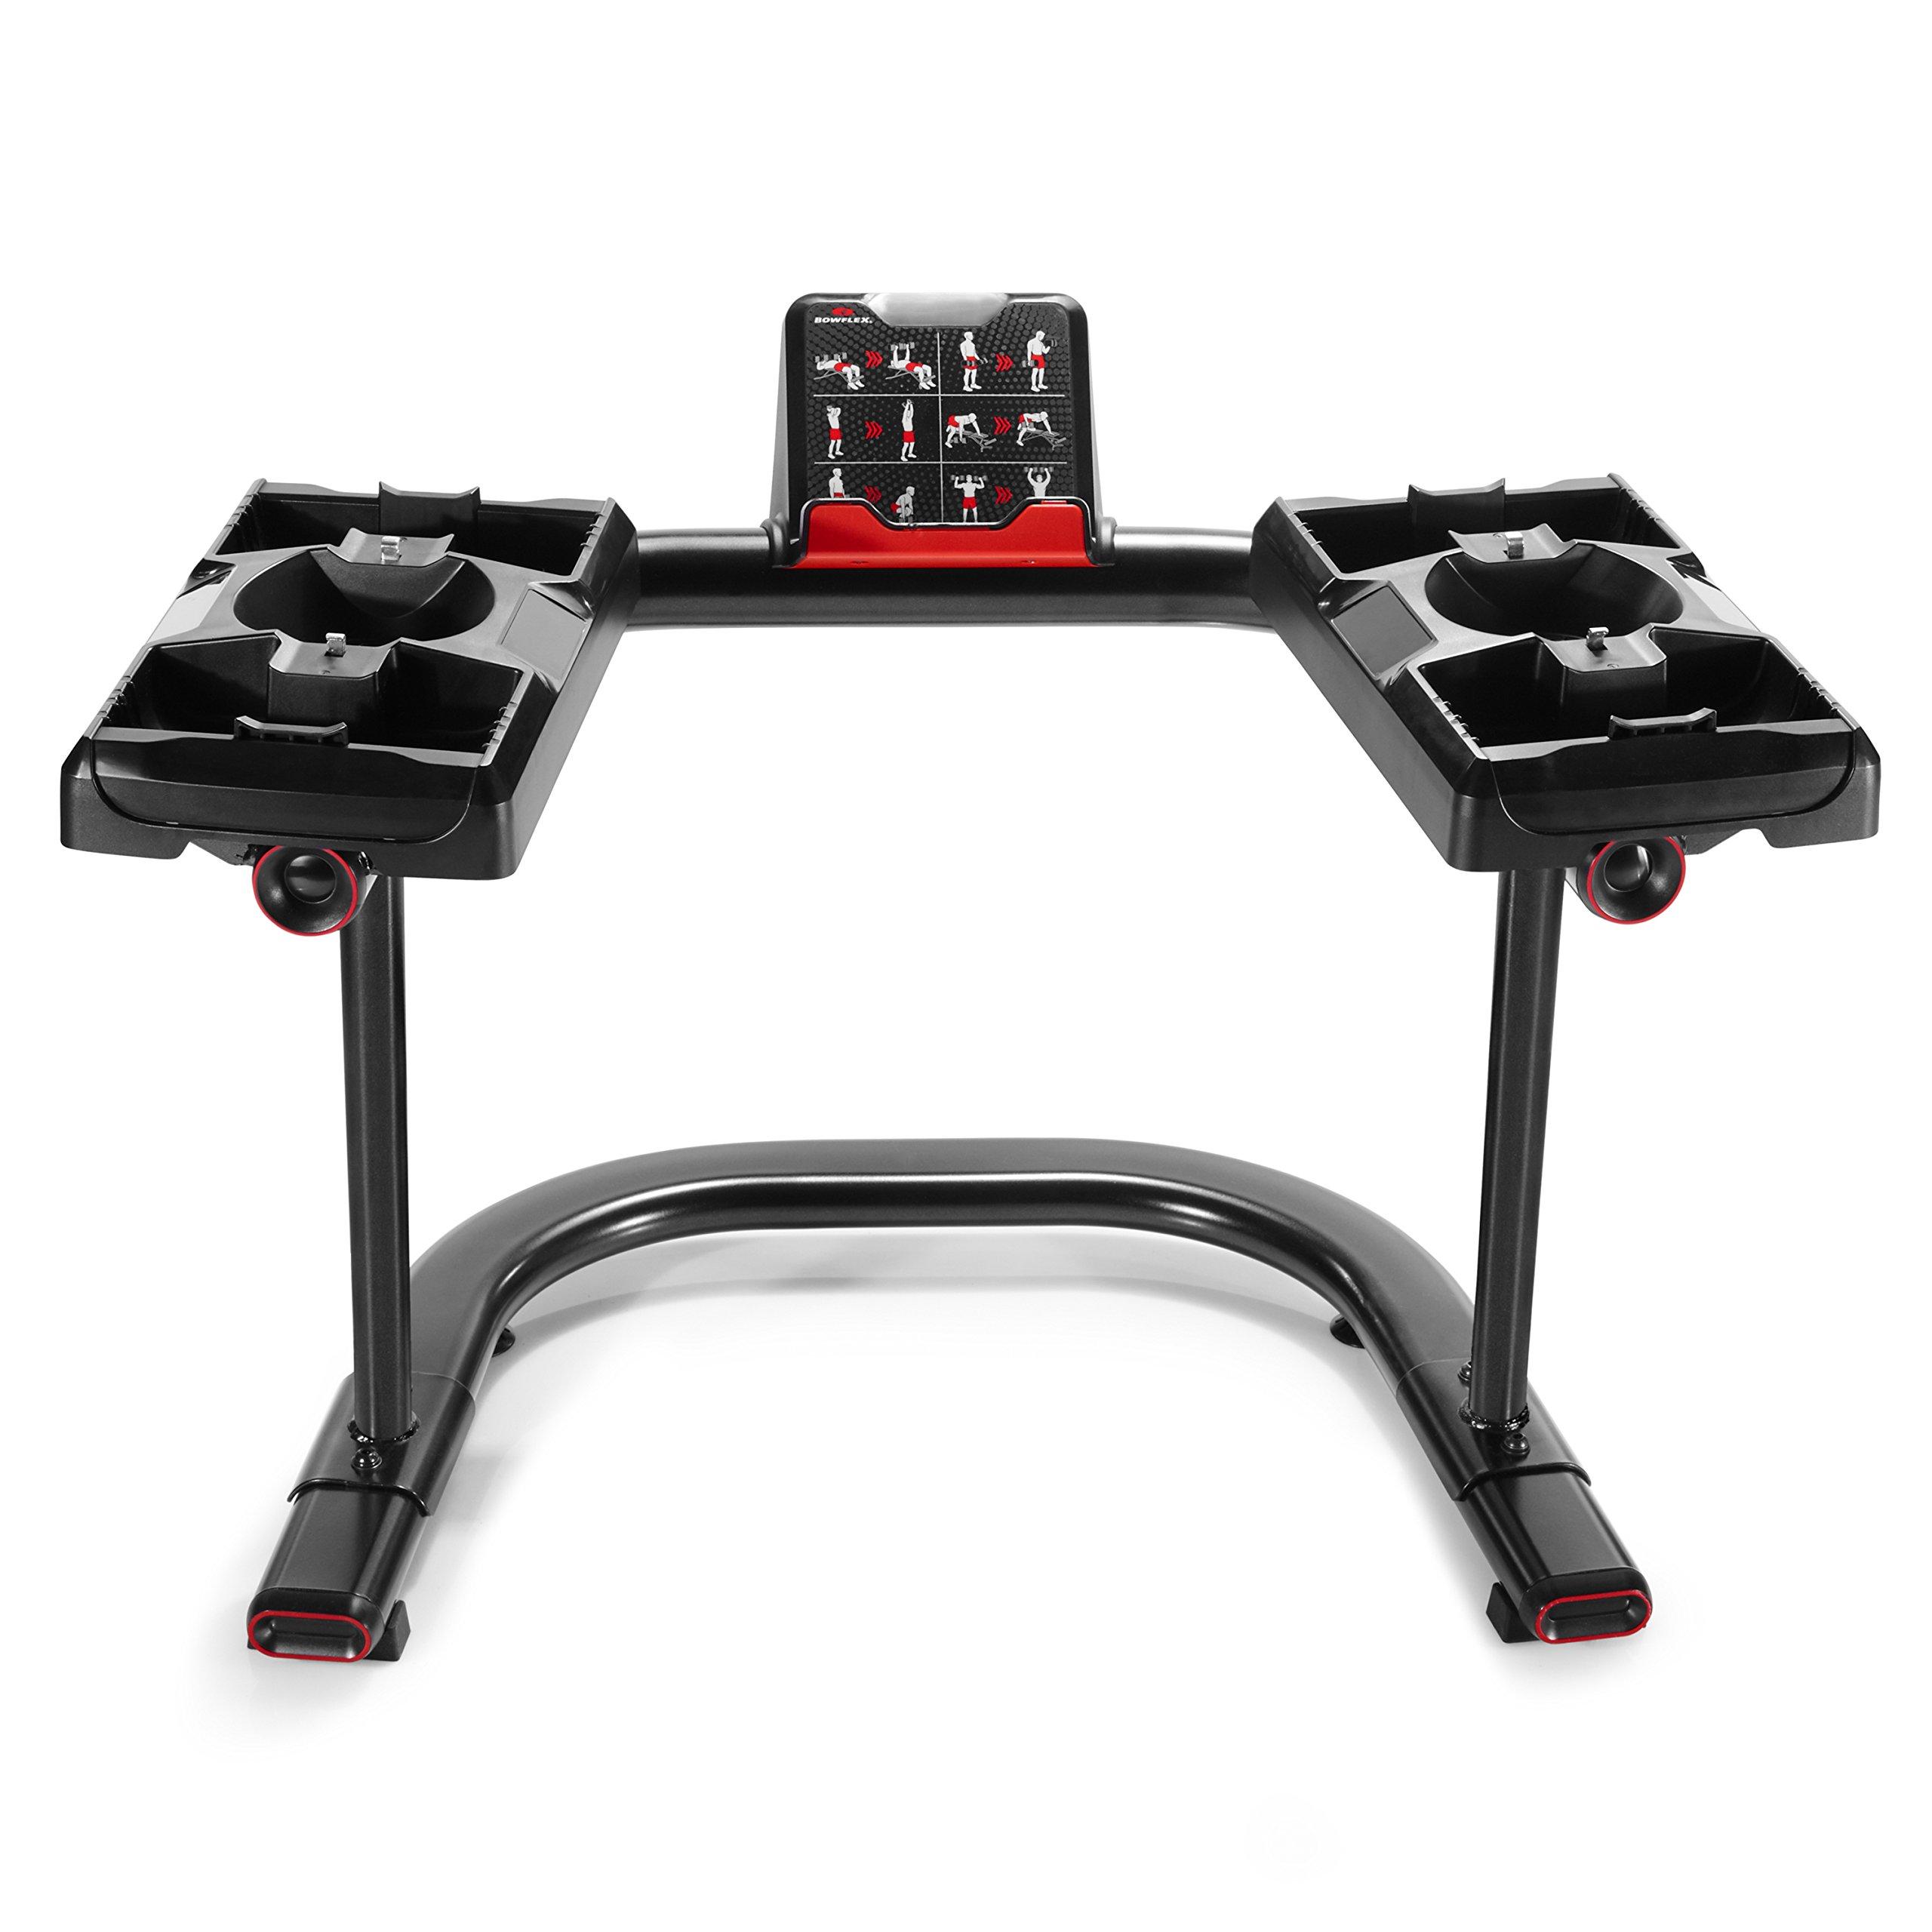 Bowflex SelectTech 560 Stand by Bowflex